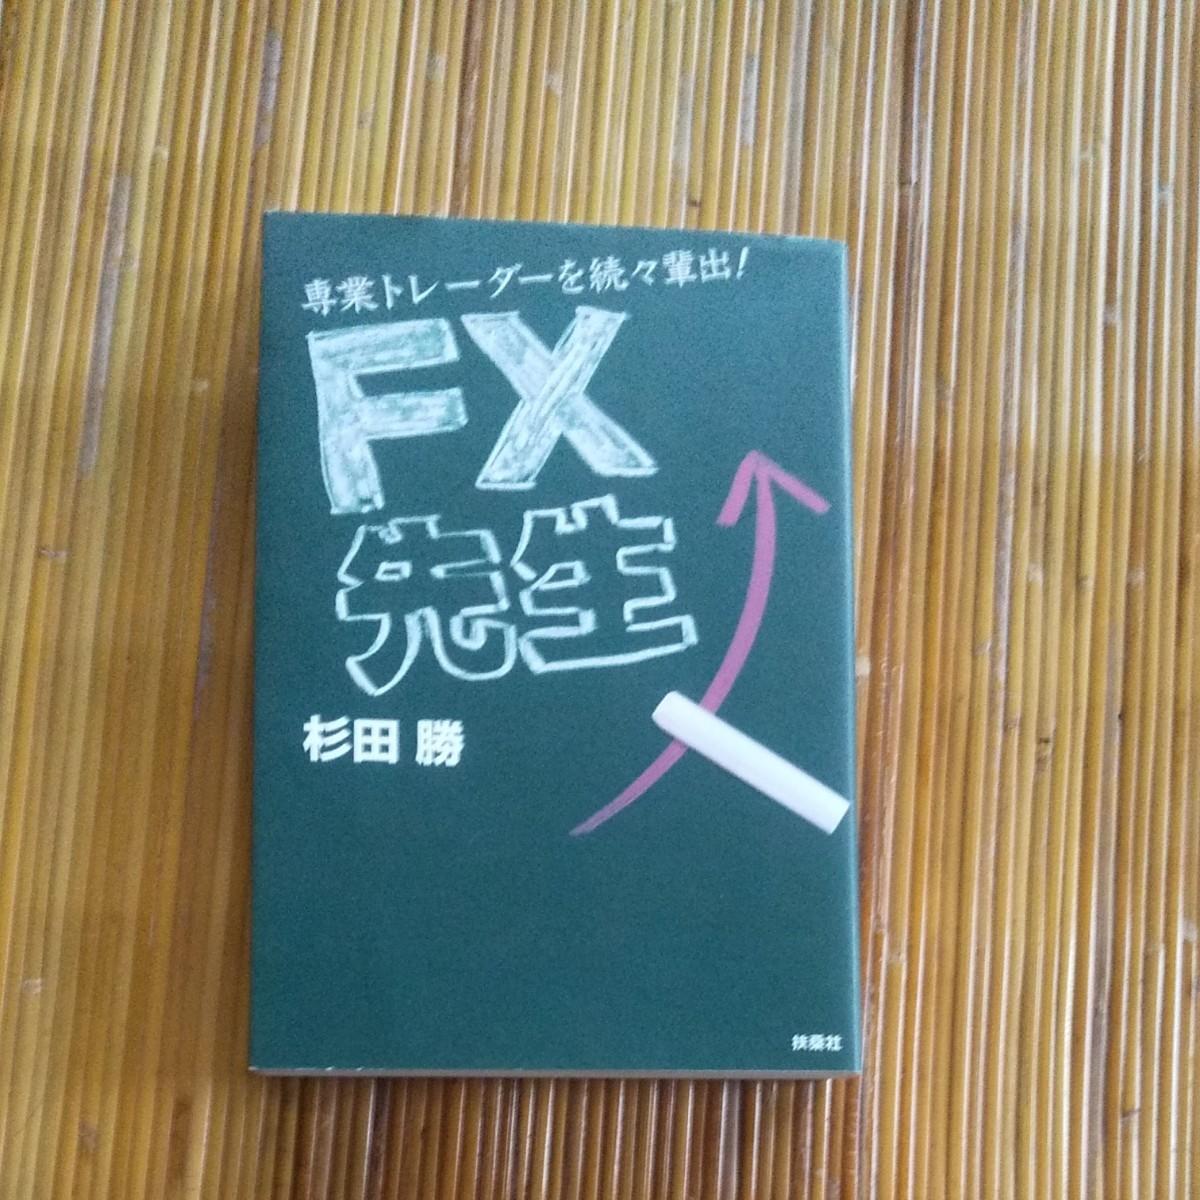 FX先生    杉田  勝